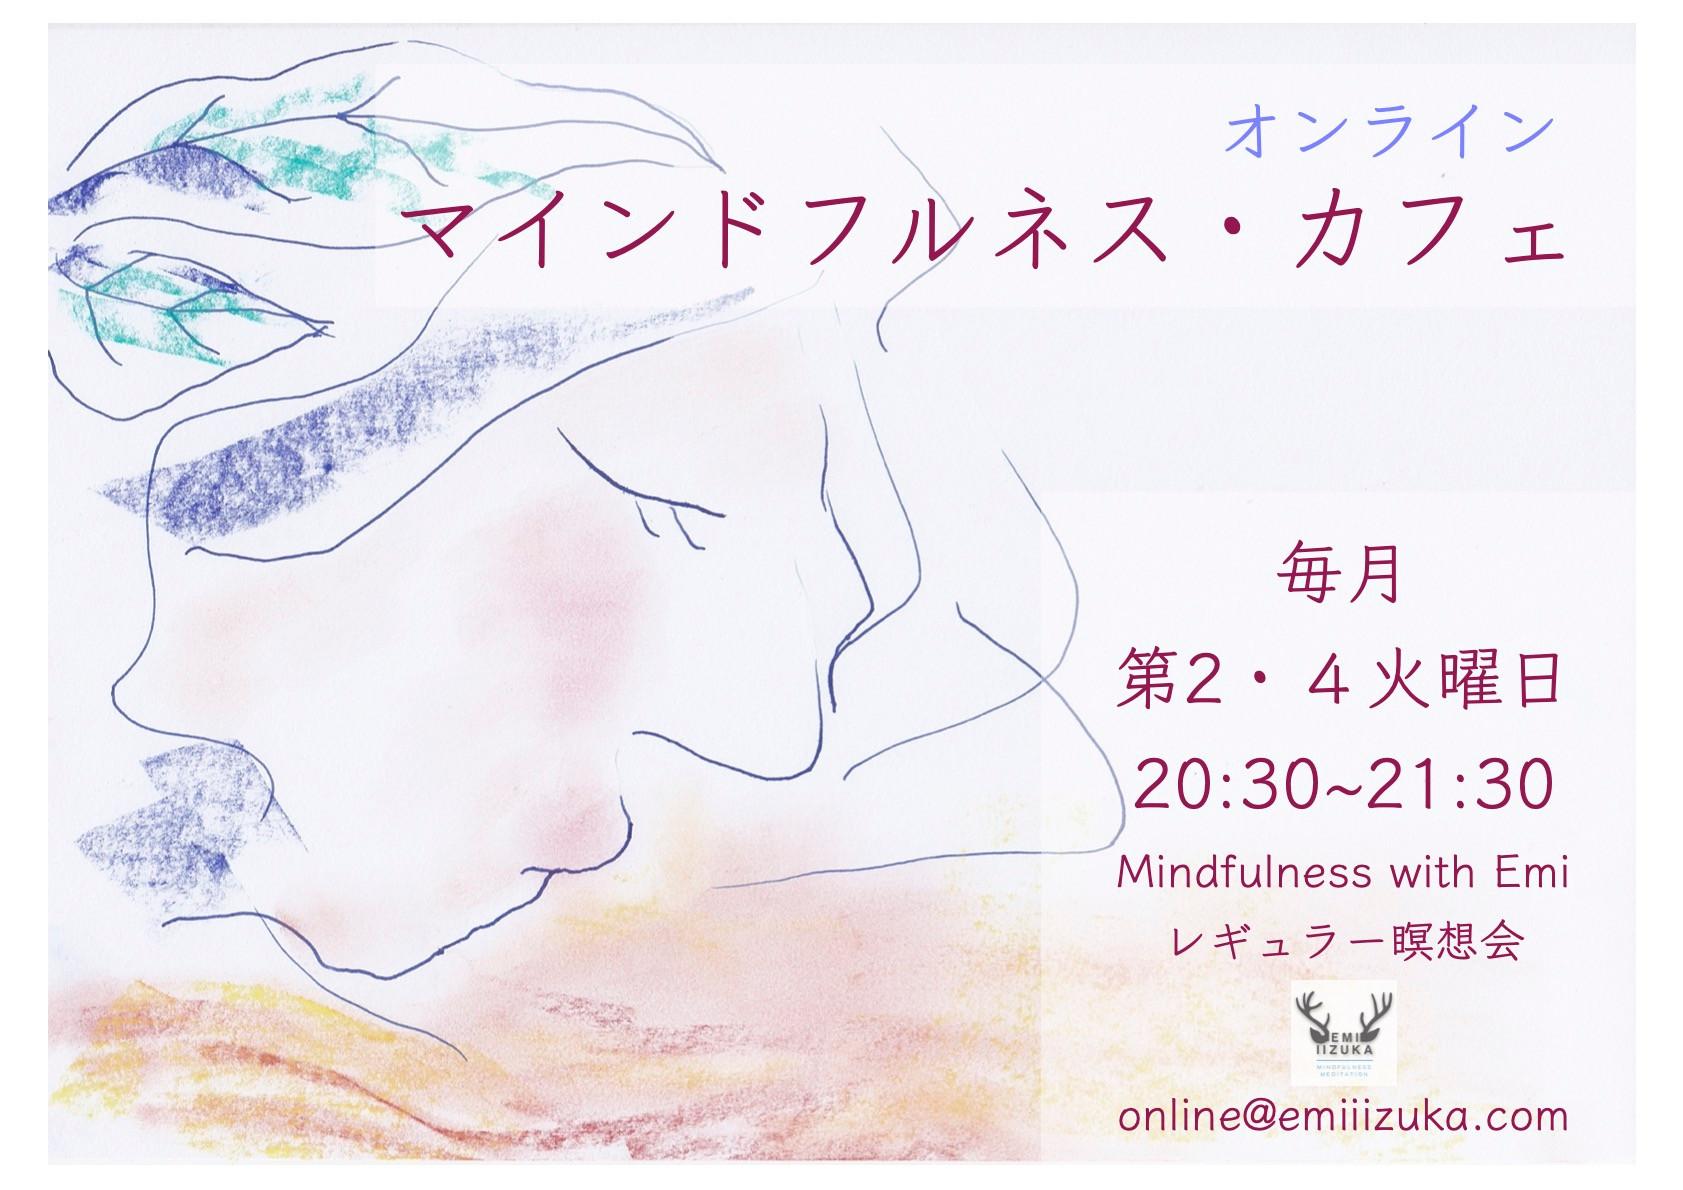 マインドフルネス・カフェ 毎月 第2・4火曜レギュラー瞑想会